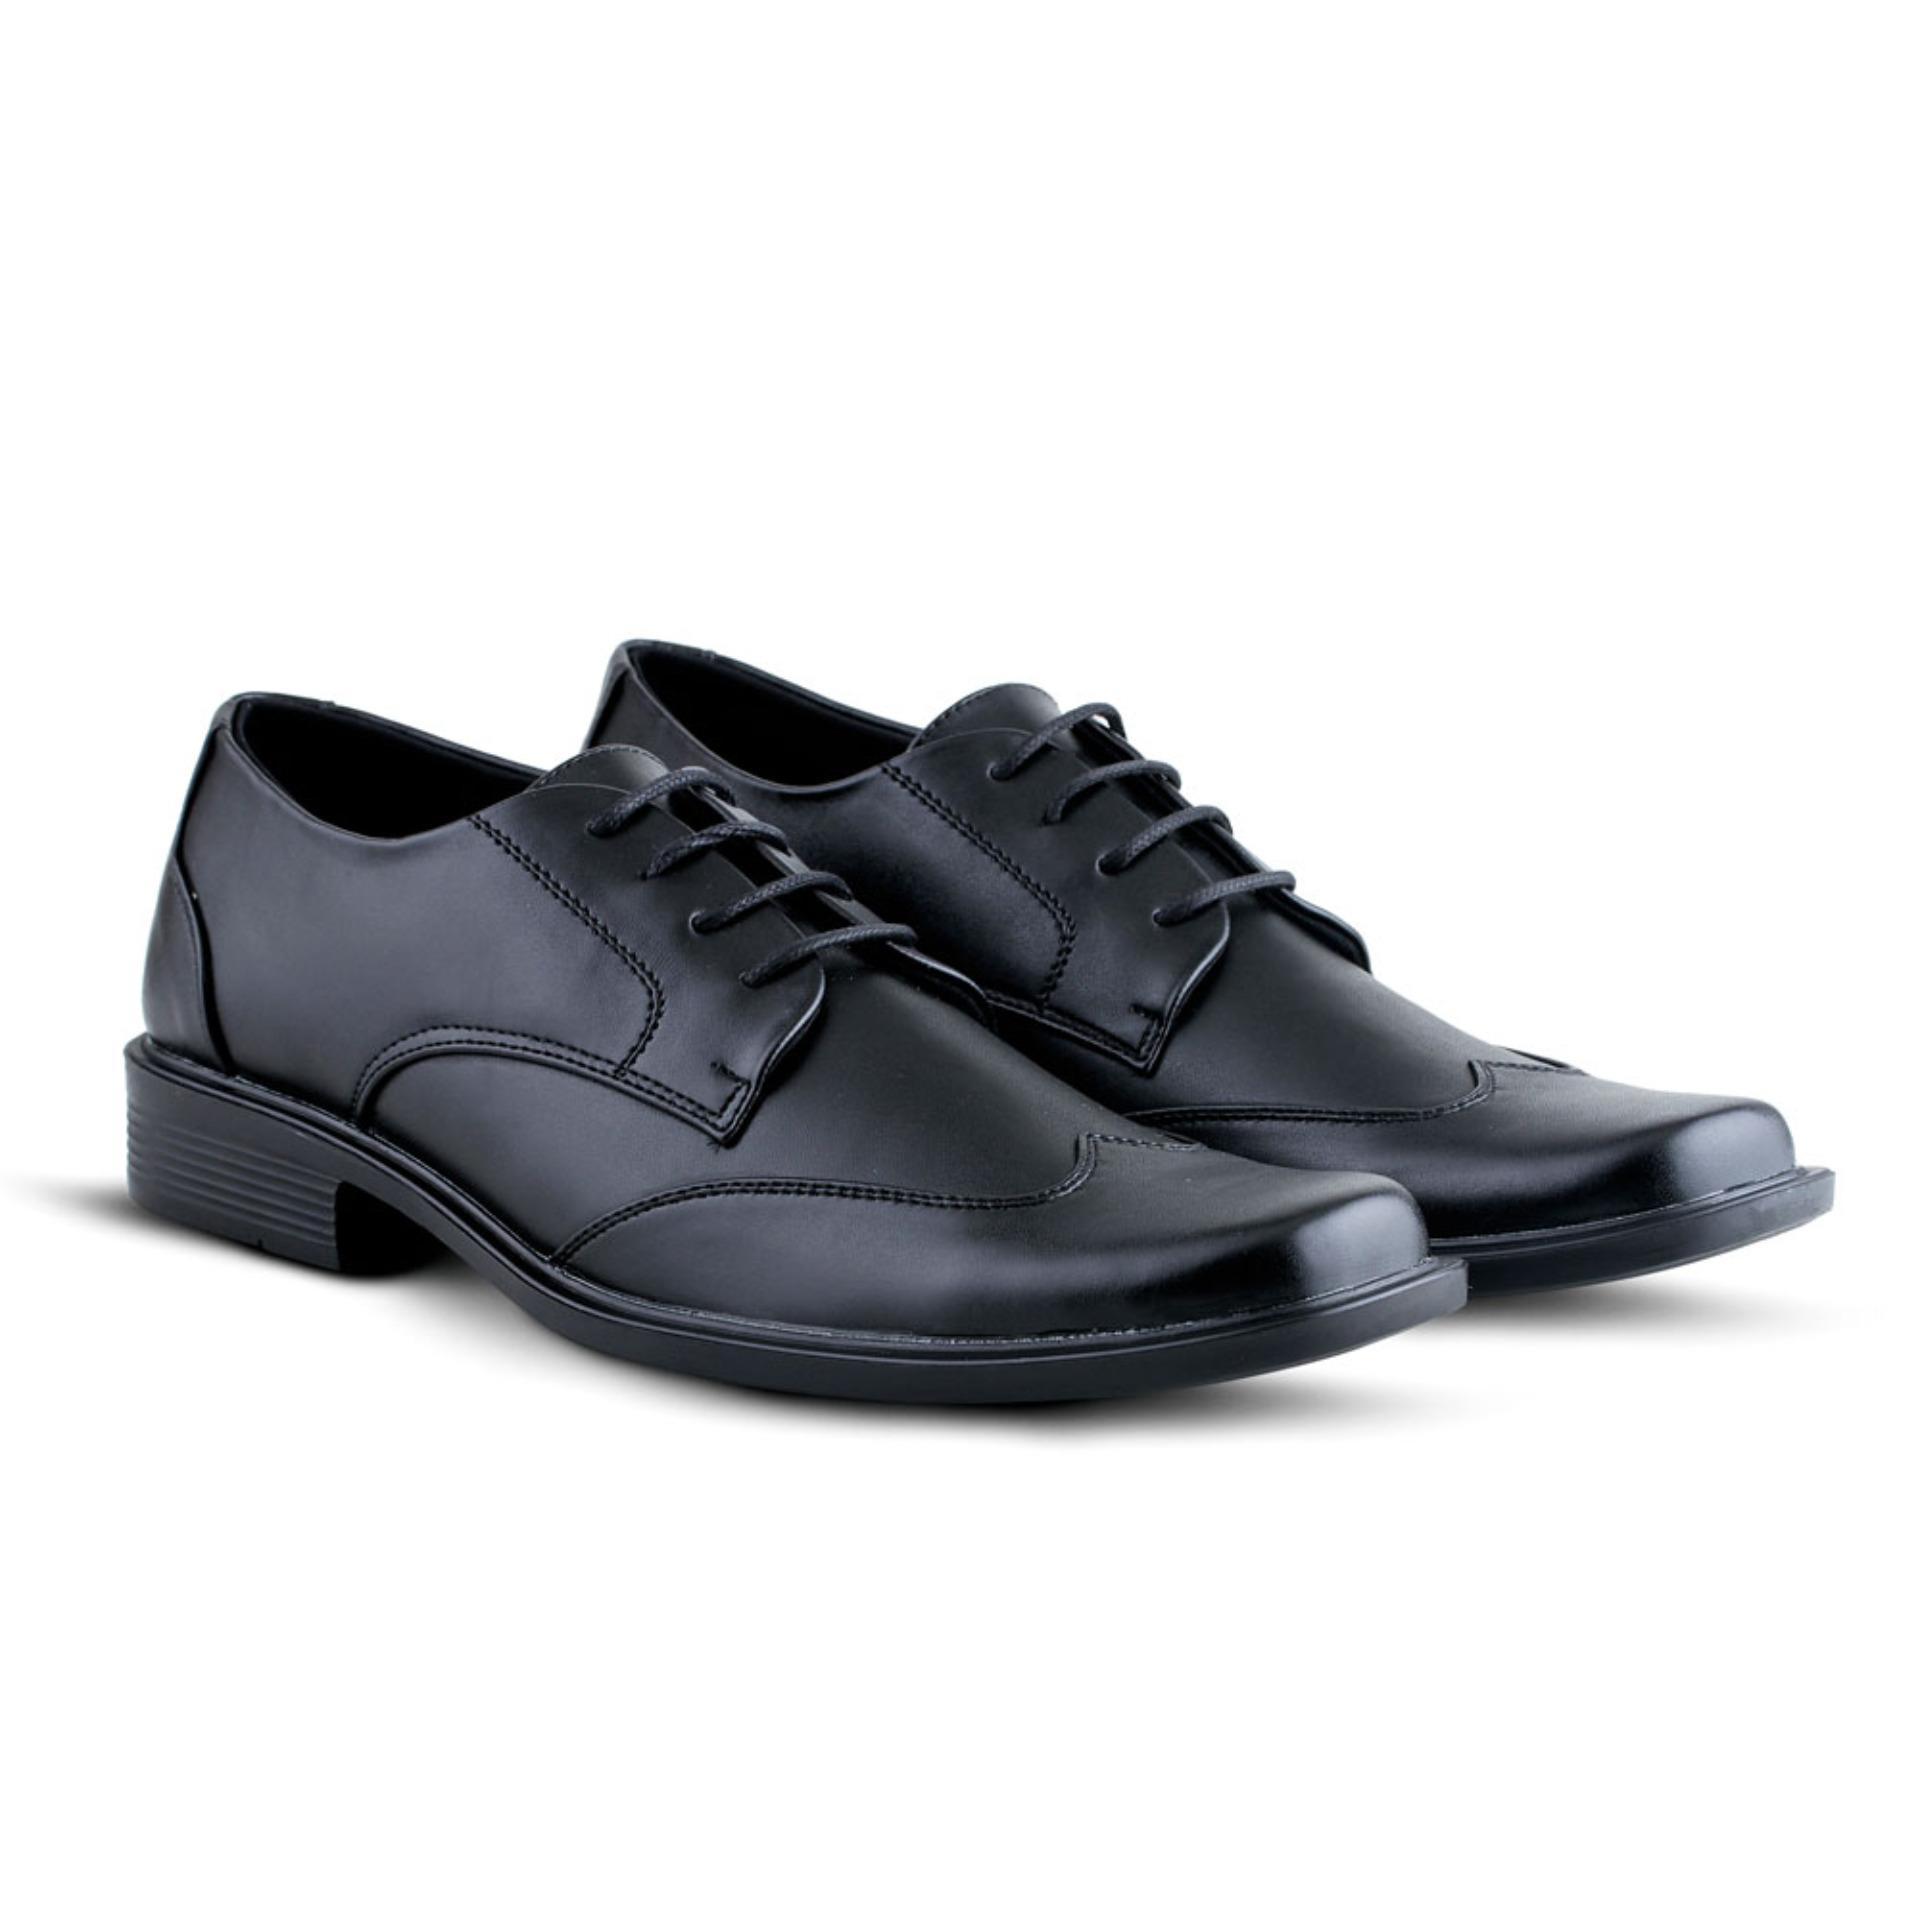 Harga Termurah Distro Bandung Vd 371 Sepatu Formal Pria Untuk Kerja Kasual Sneaker Kantor Kulitsintetis Hitam